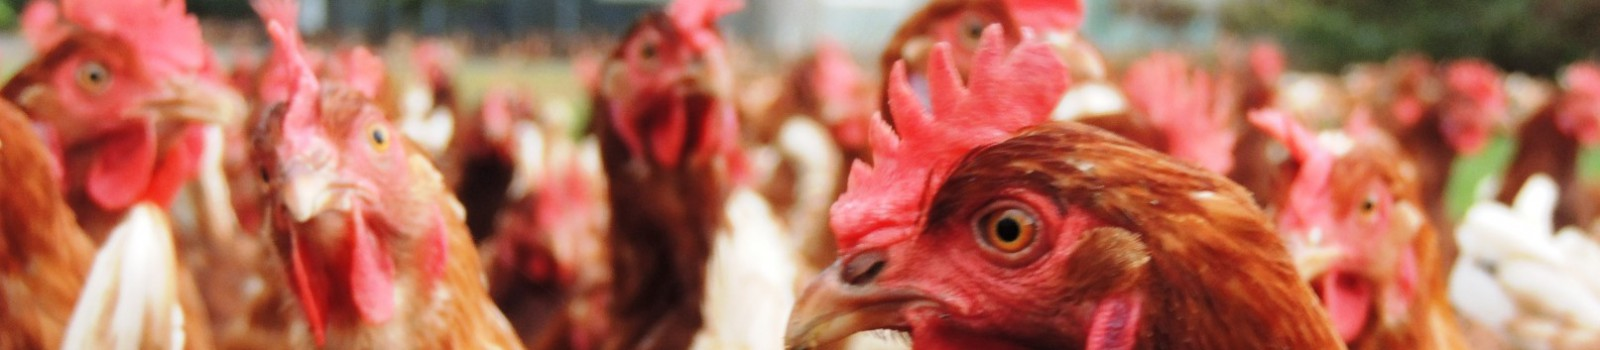 Close-upfoto van de biologische kippen .